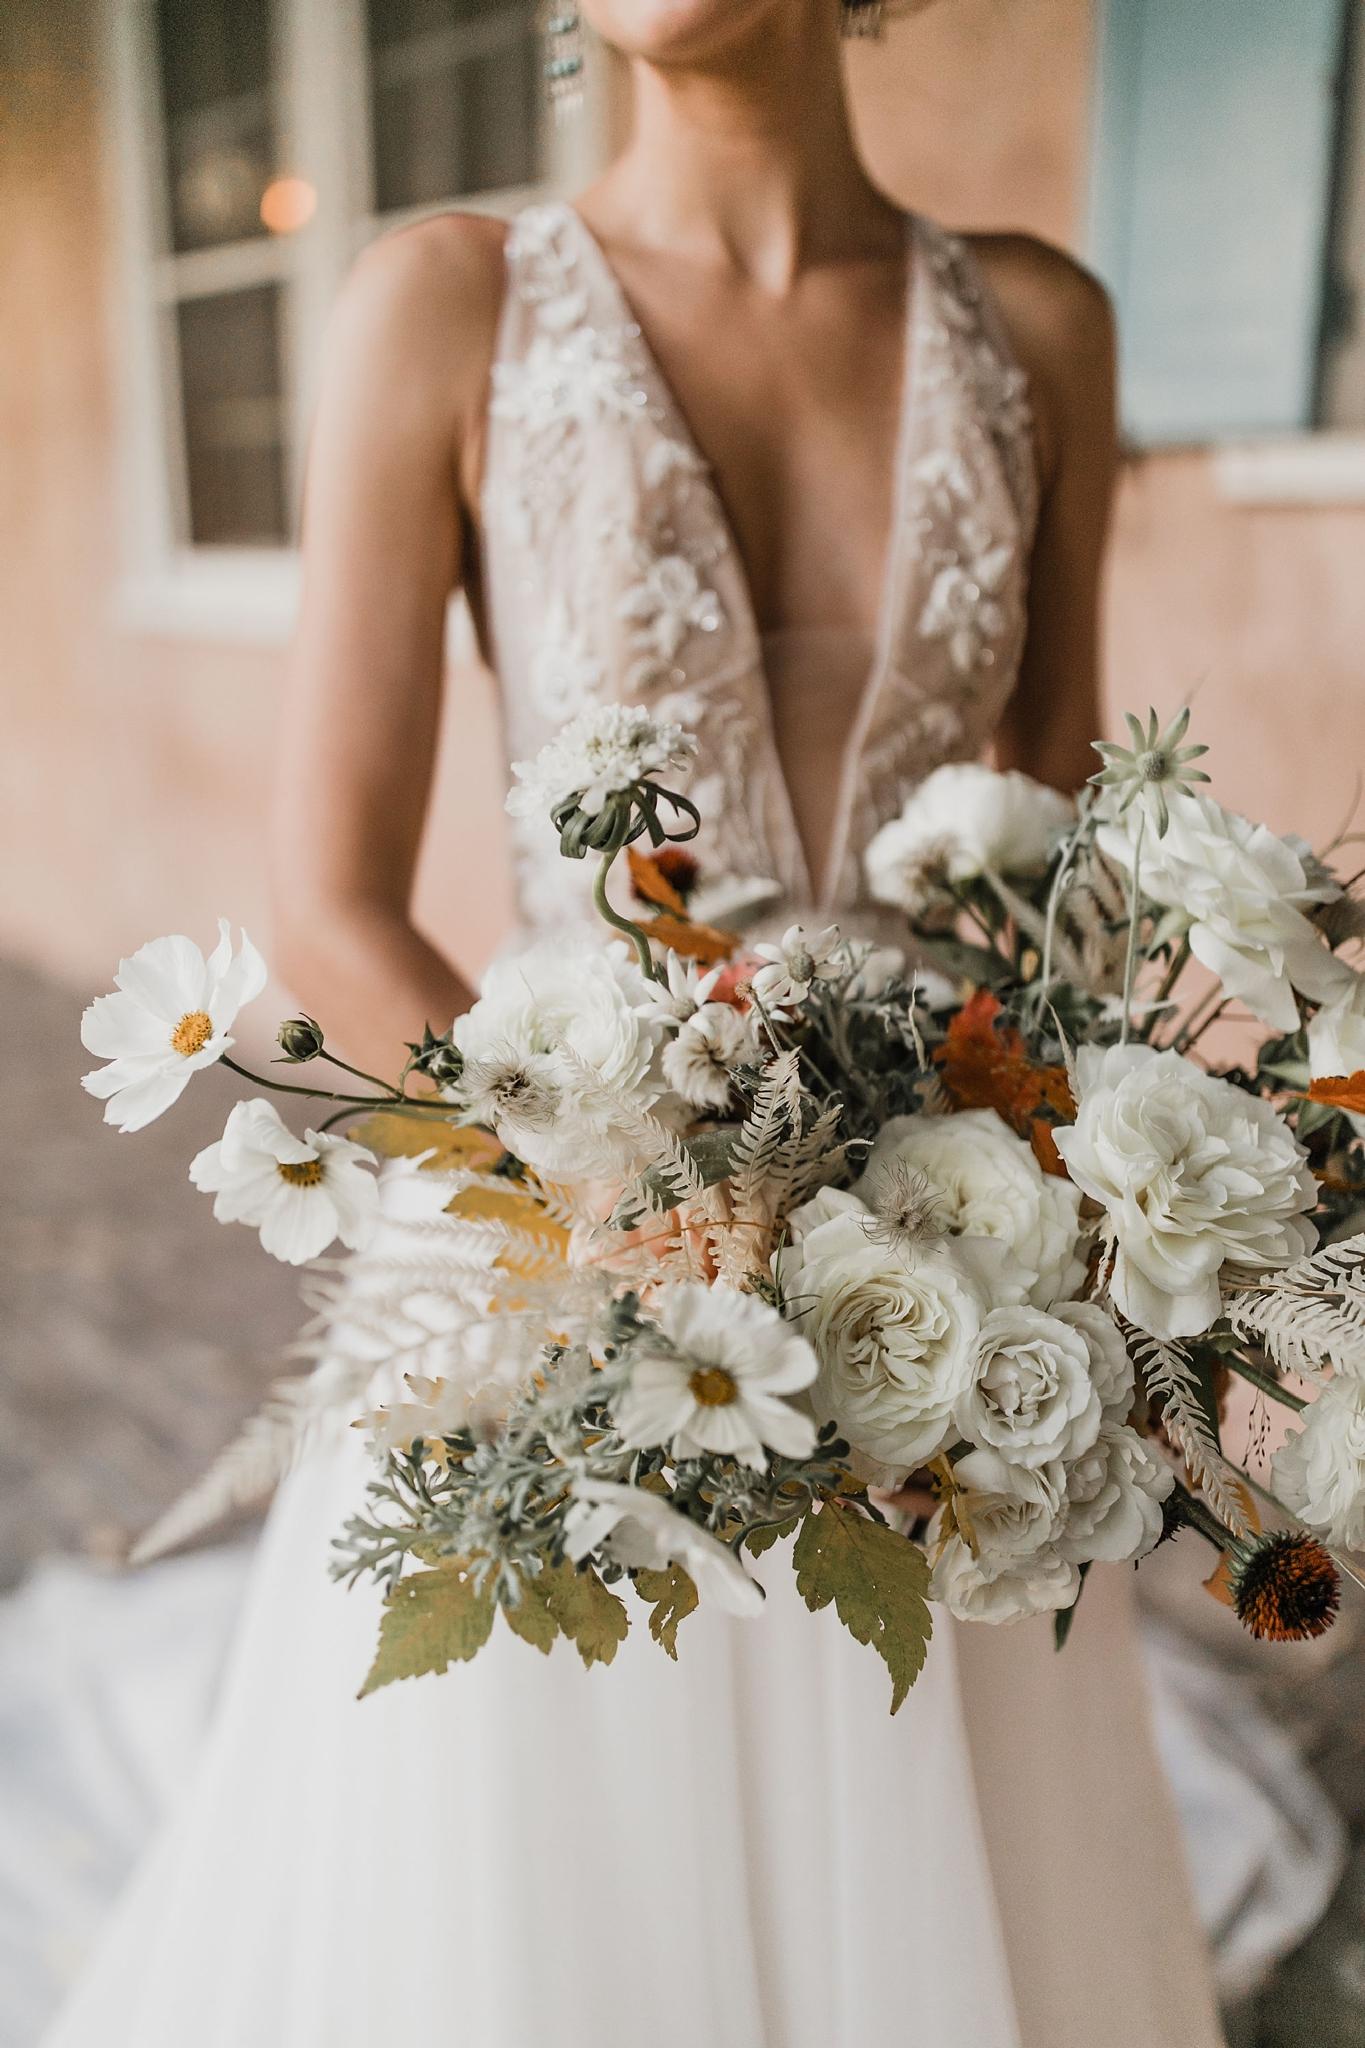 Alicia+lucia+photography+-+albuquerque+wedding+photographer+-+santa+fe+wedding+photography+-+new+mexico+wedding+photographer+-+new+mexico+wedding+-+new+mexico+florist+-+floriography+flowers+-+floriography+flowers+new+mexico+-+wedding+florist_0006.jpg